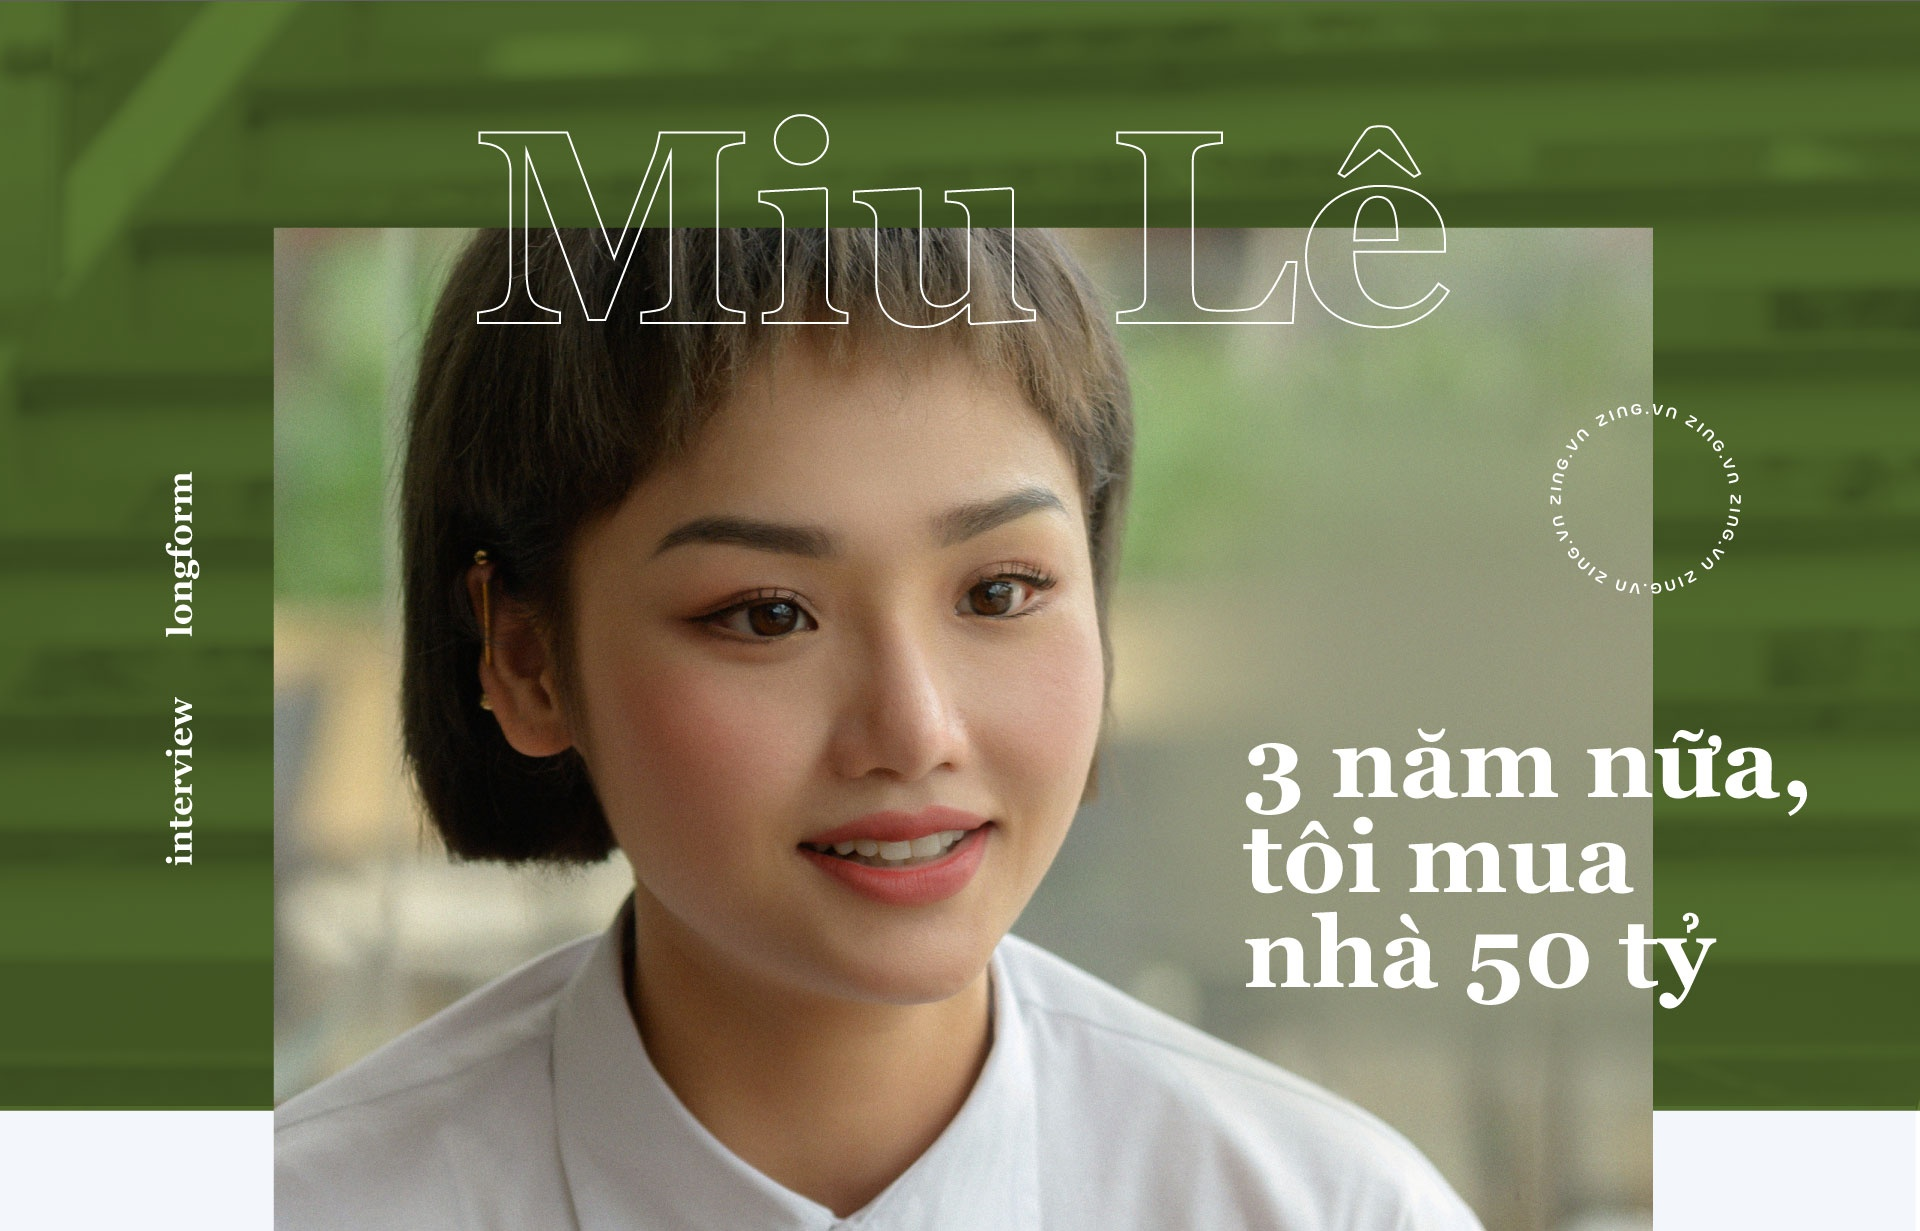 Miu Le mua nha 50 ty anh 2